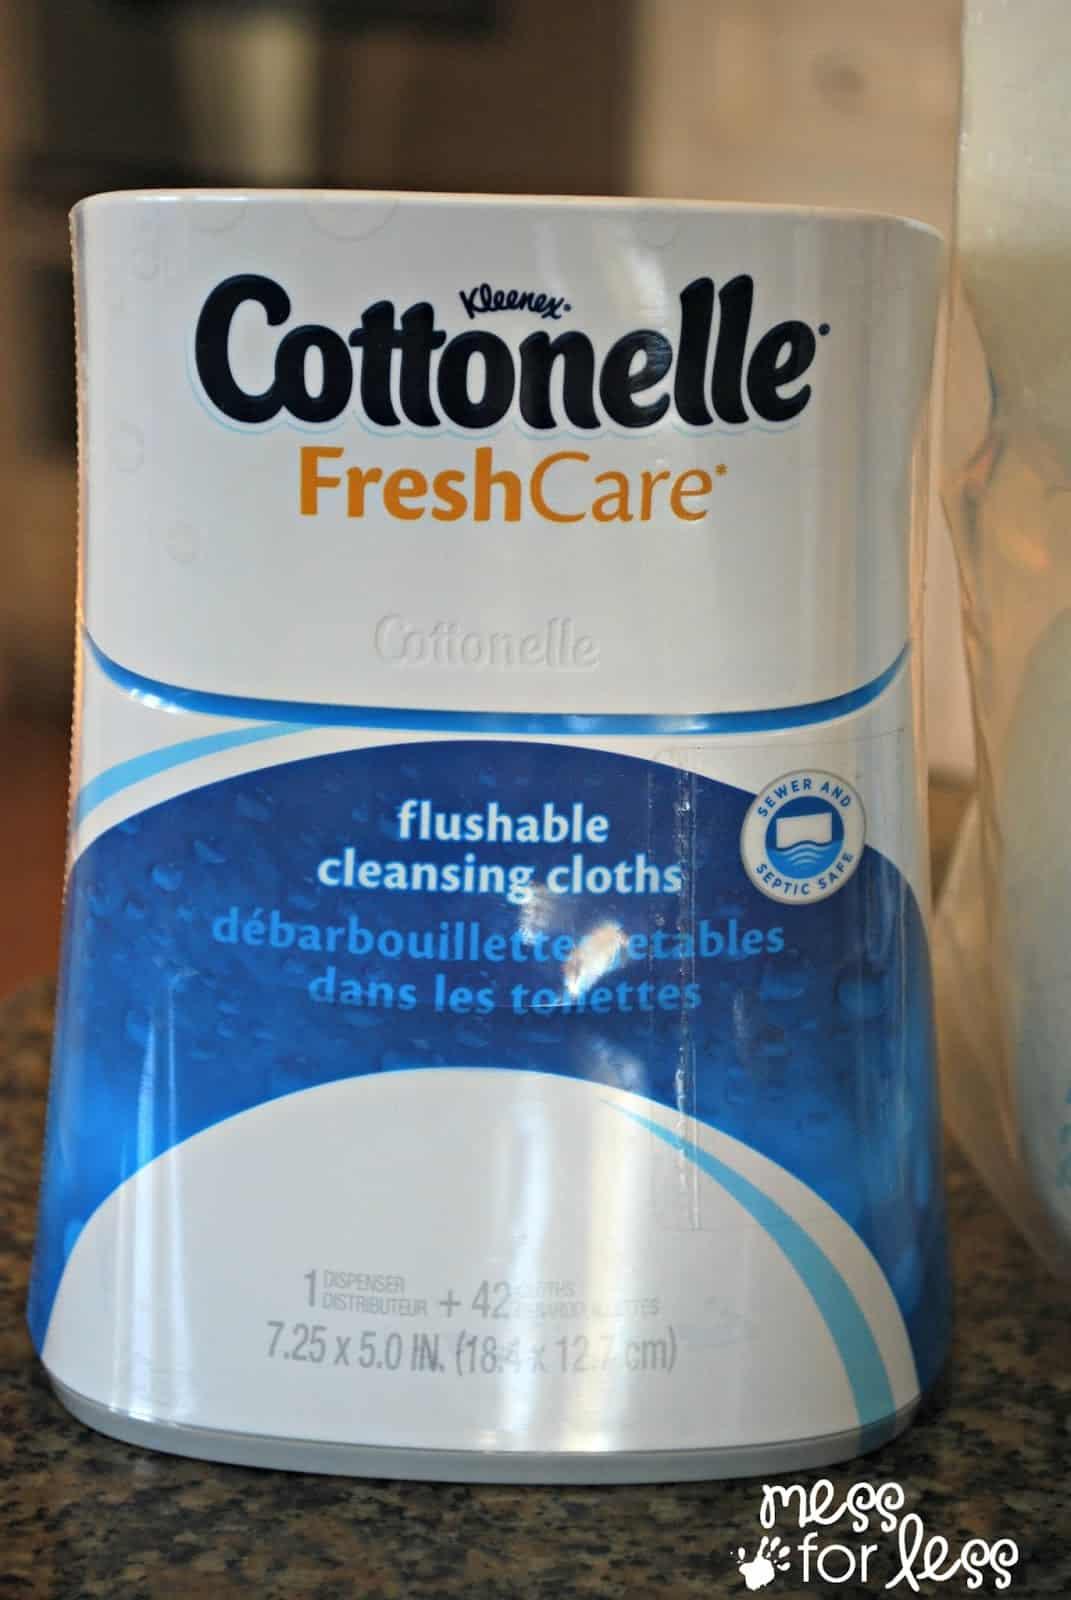 Cottonelle Fresh Care #CtnlCareRoutine #PMedia #sponsored